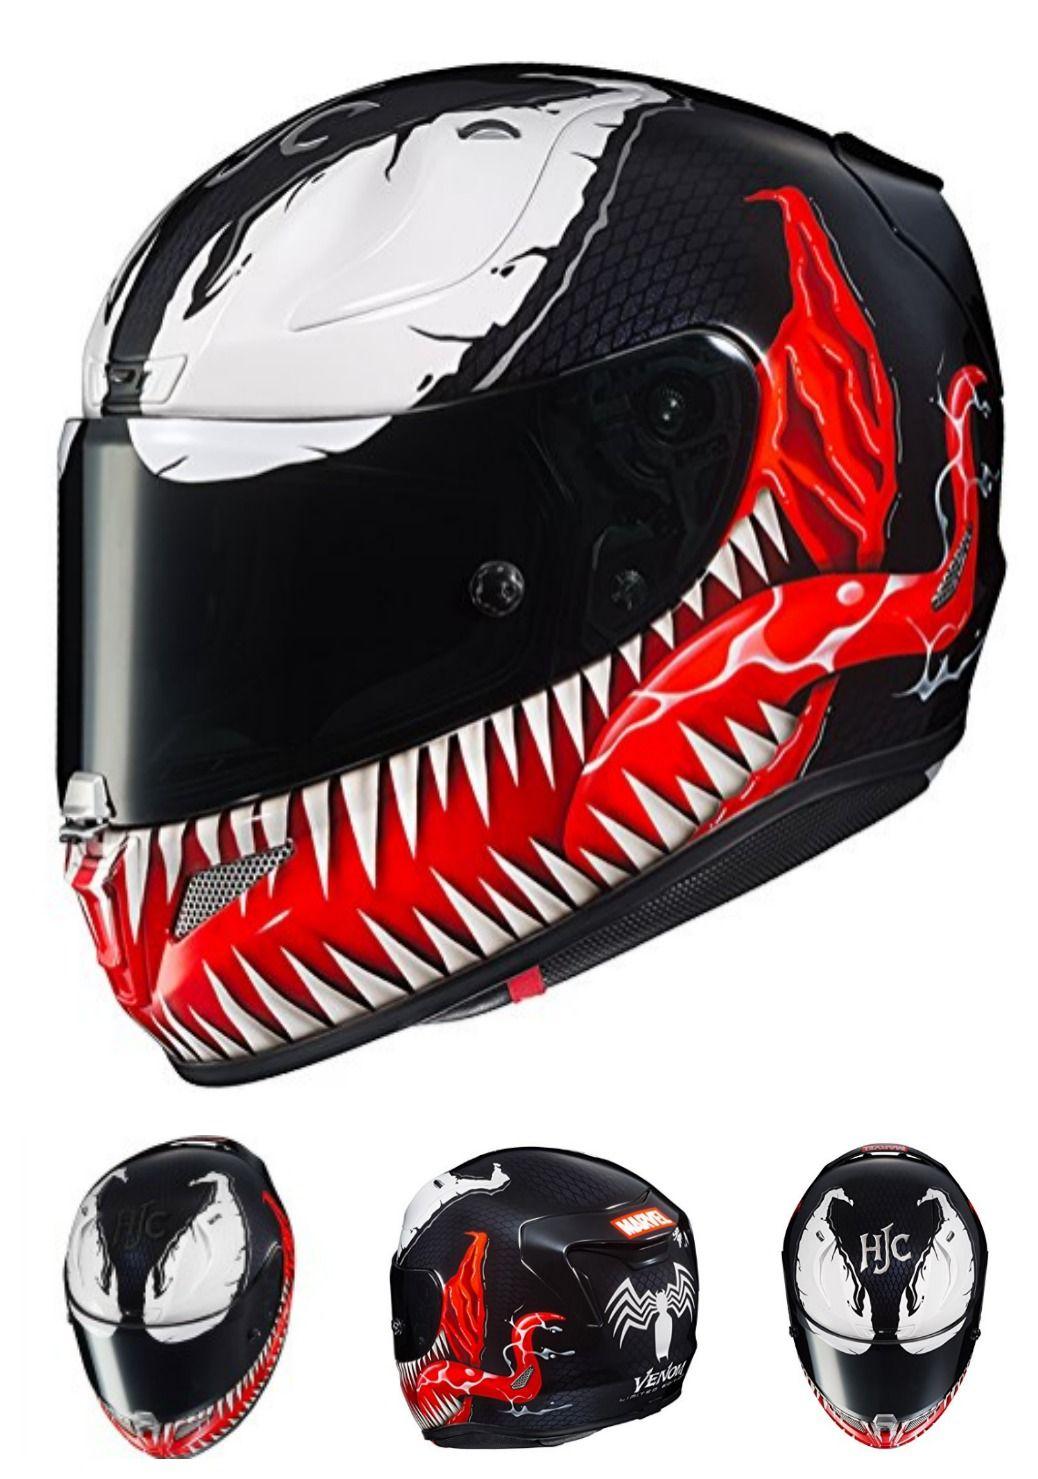 Spiderman Motorcycle Helmets Motorcycle Helmets